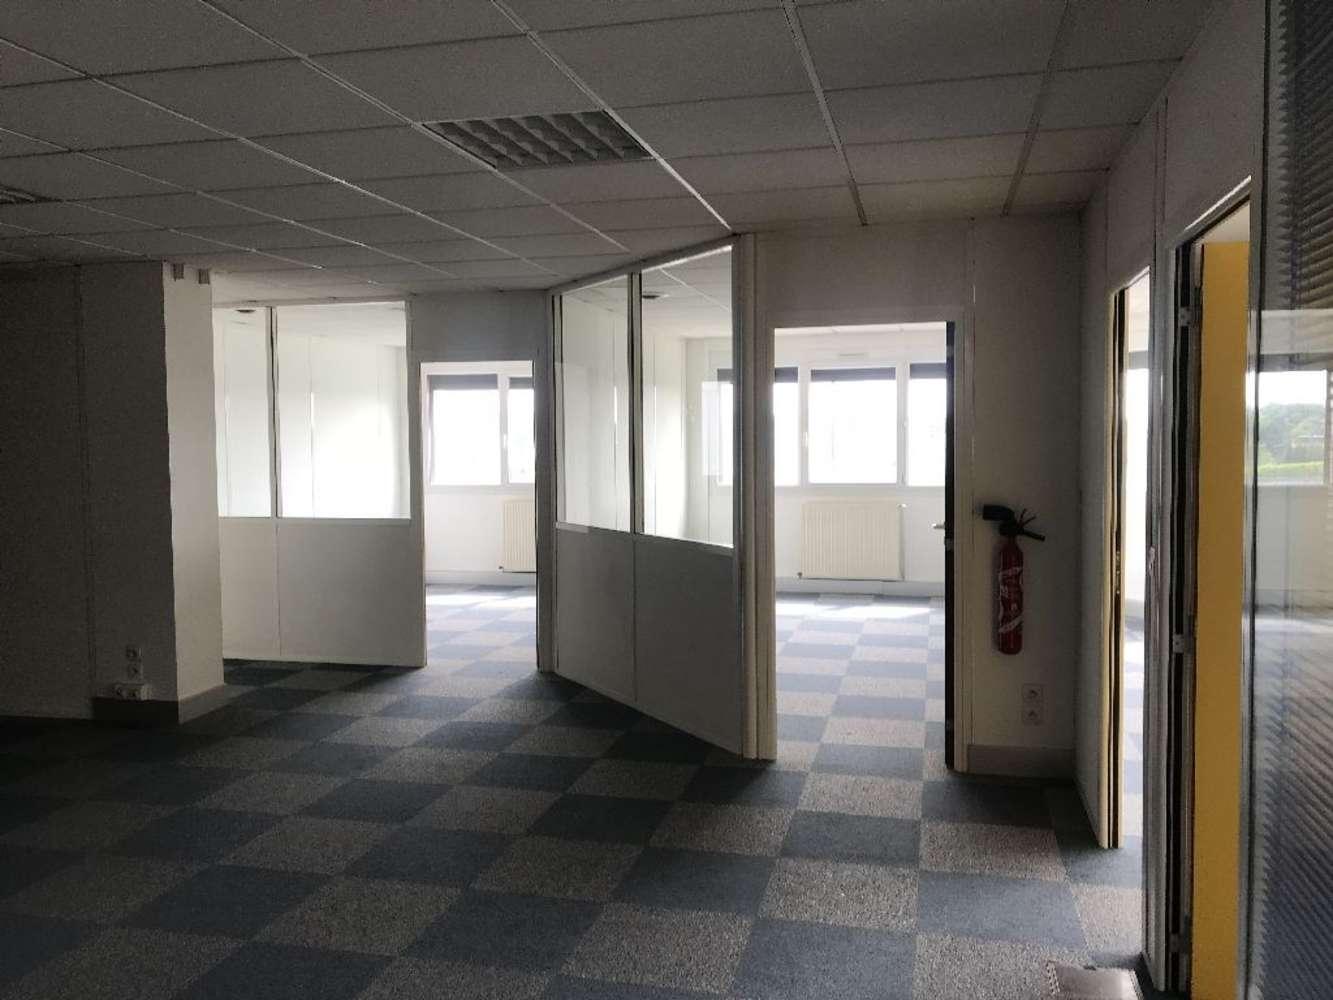 Activités/entrepôt Irigny, 69540 - Location locaux d'activité Lyon Sud (69) - 9551456